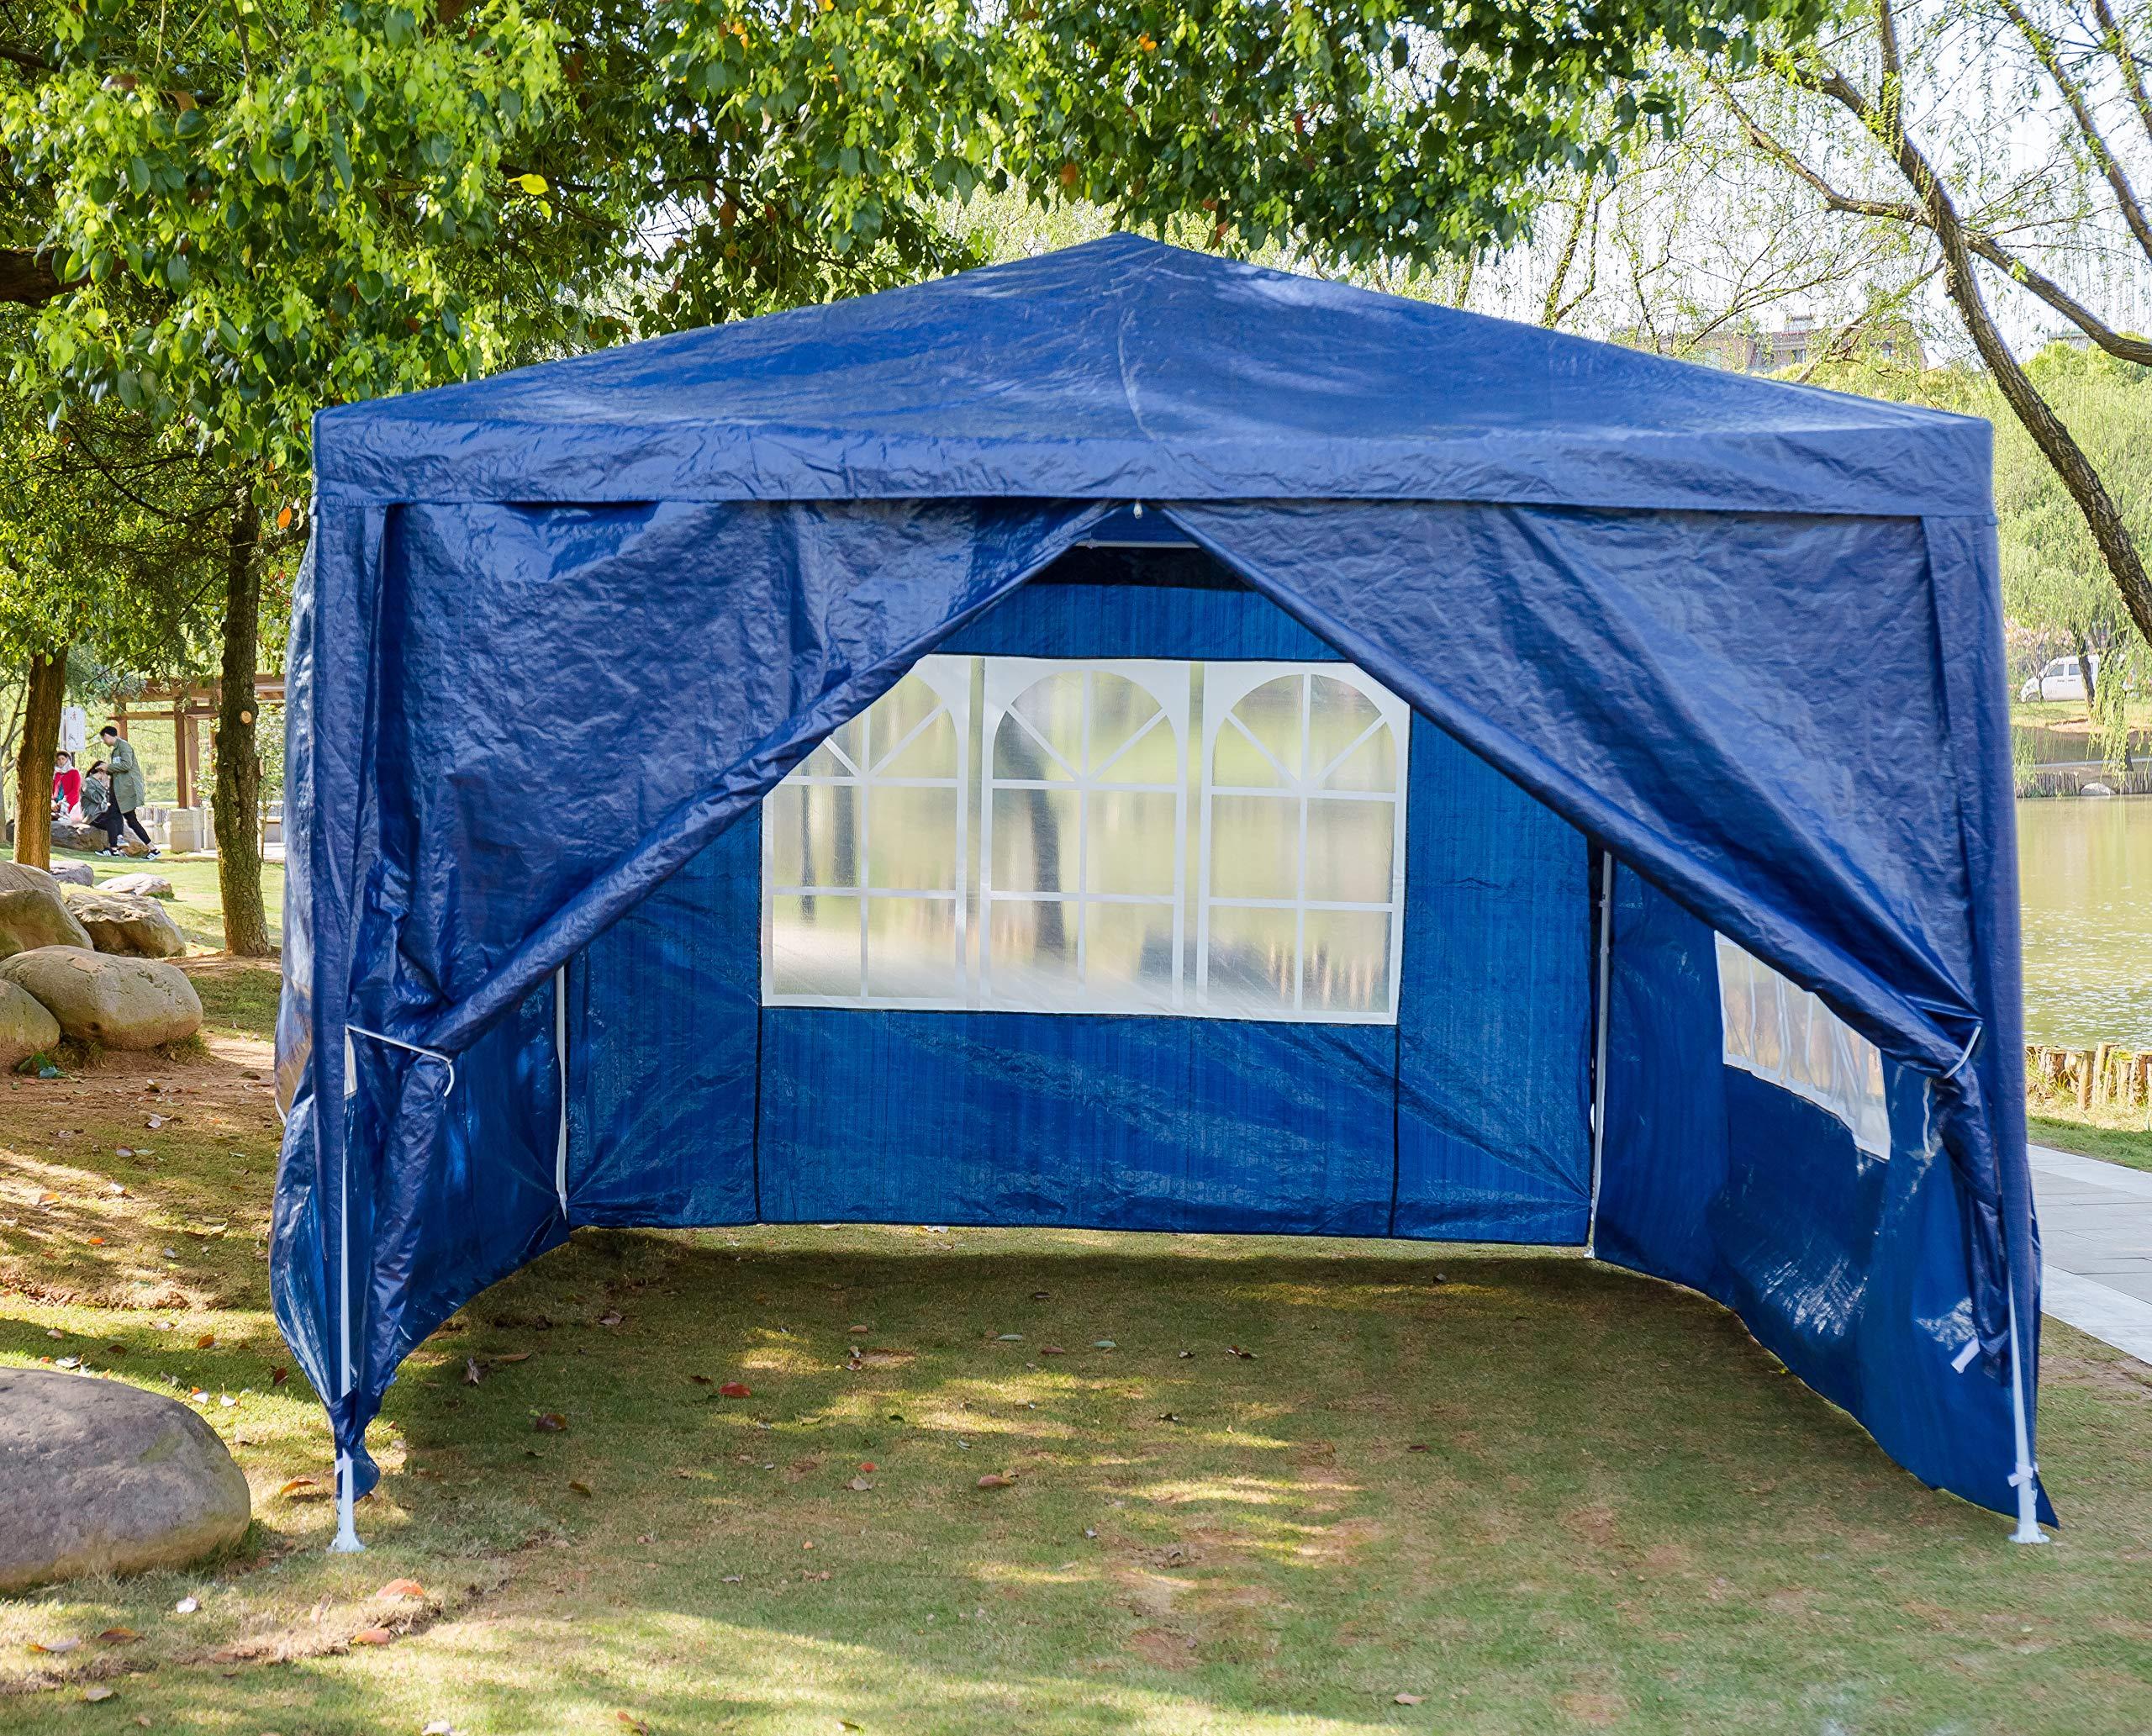 SiKy Carpa de jardín de 3 x 4 m de Alta Resistencia con Paneles Laterales, Totalmente Impermeable, Marco de Hierro con Recubrimiento en Polvo para Bodas, jardín, Fiesta, Patio, césped (Azul): Amazon.es: